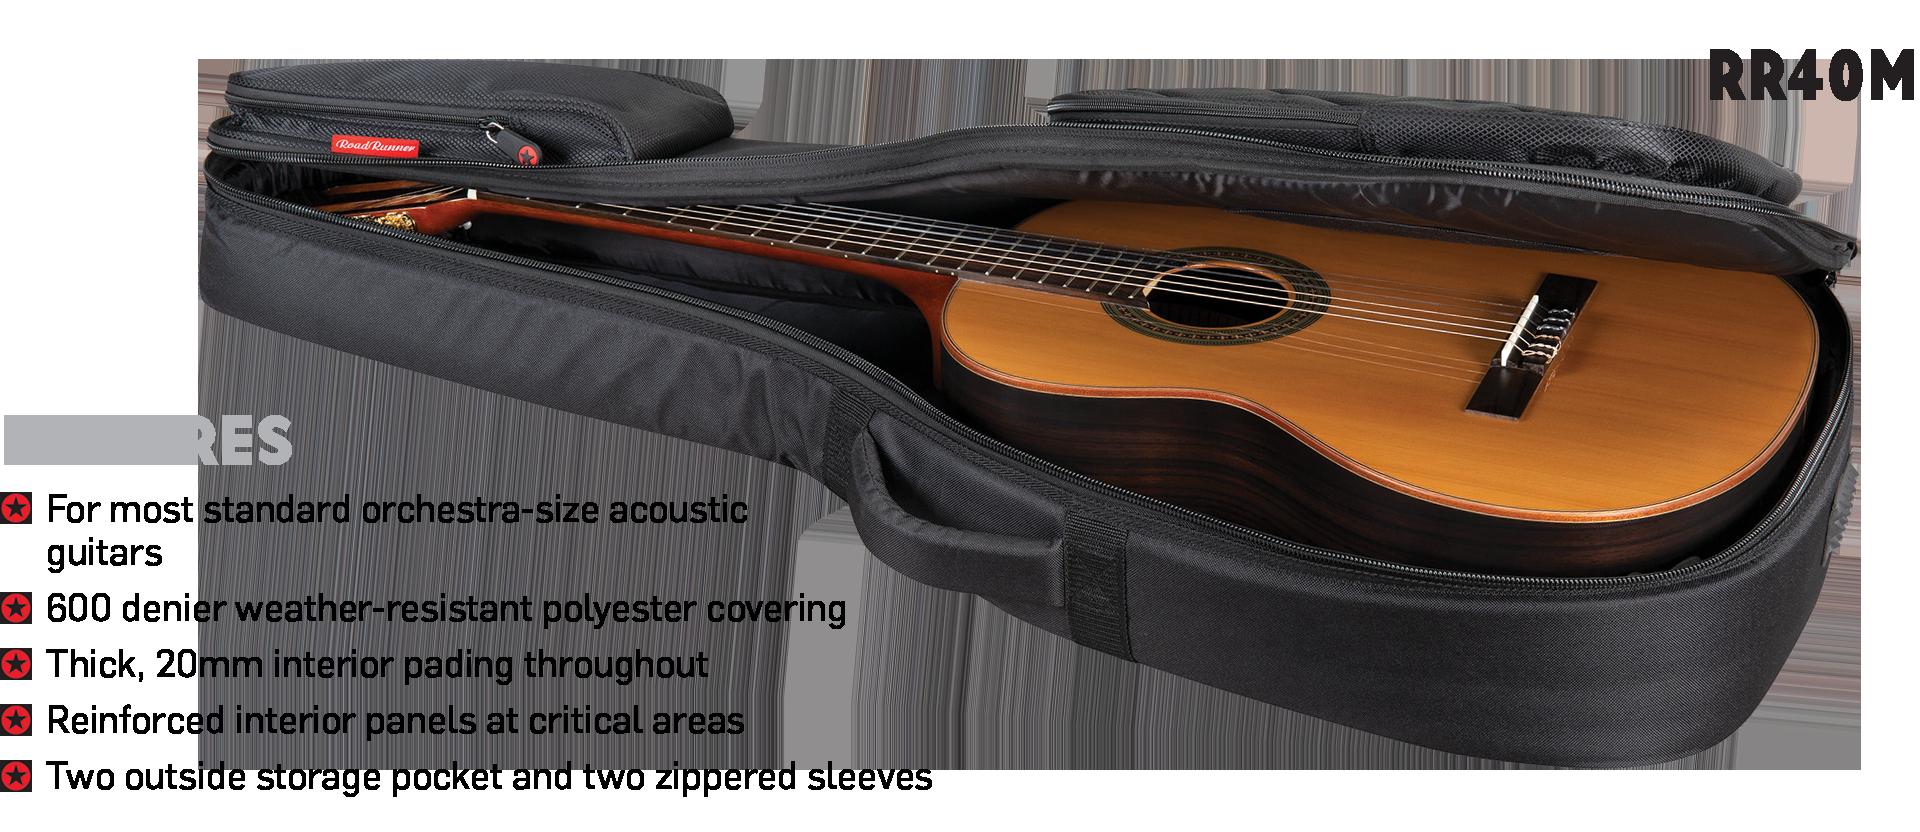 Orchestra-Size Acoustic Guitar Gig Bag Road Runner Boulevard RR4OM